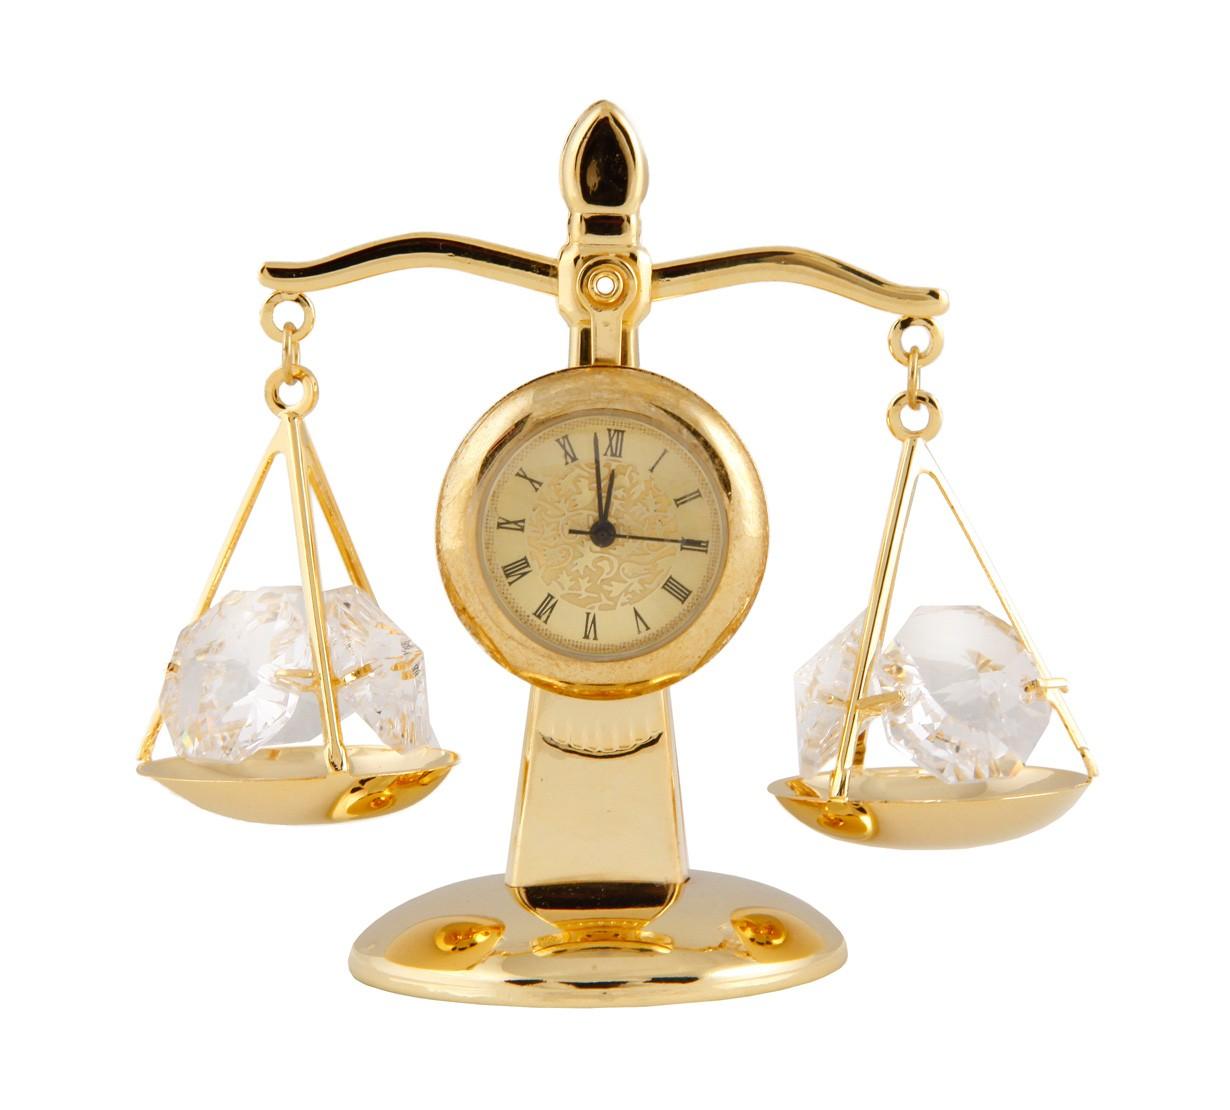 Balanta cu Ceas cu Cristale Swarovski - placata cu Aur 24K